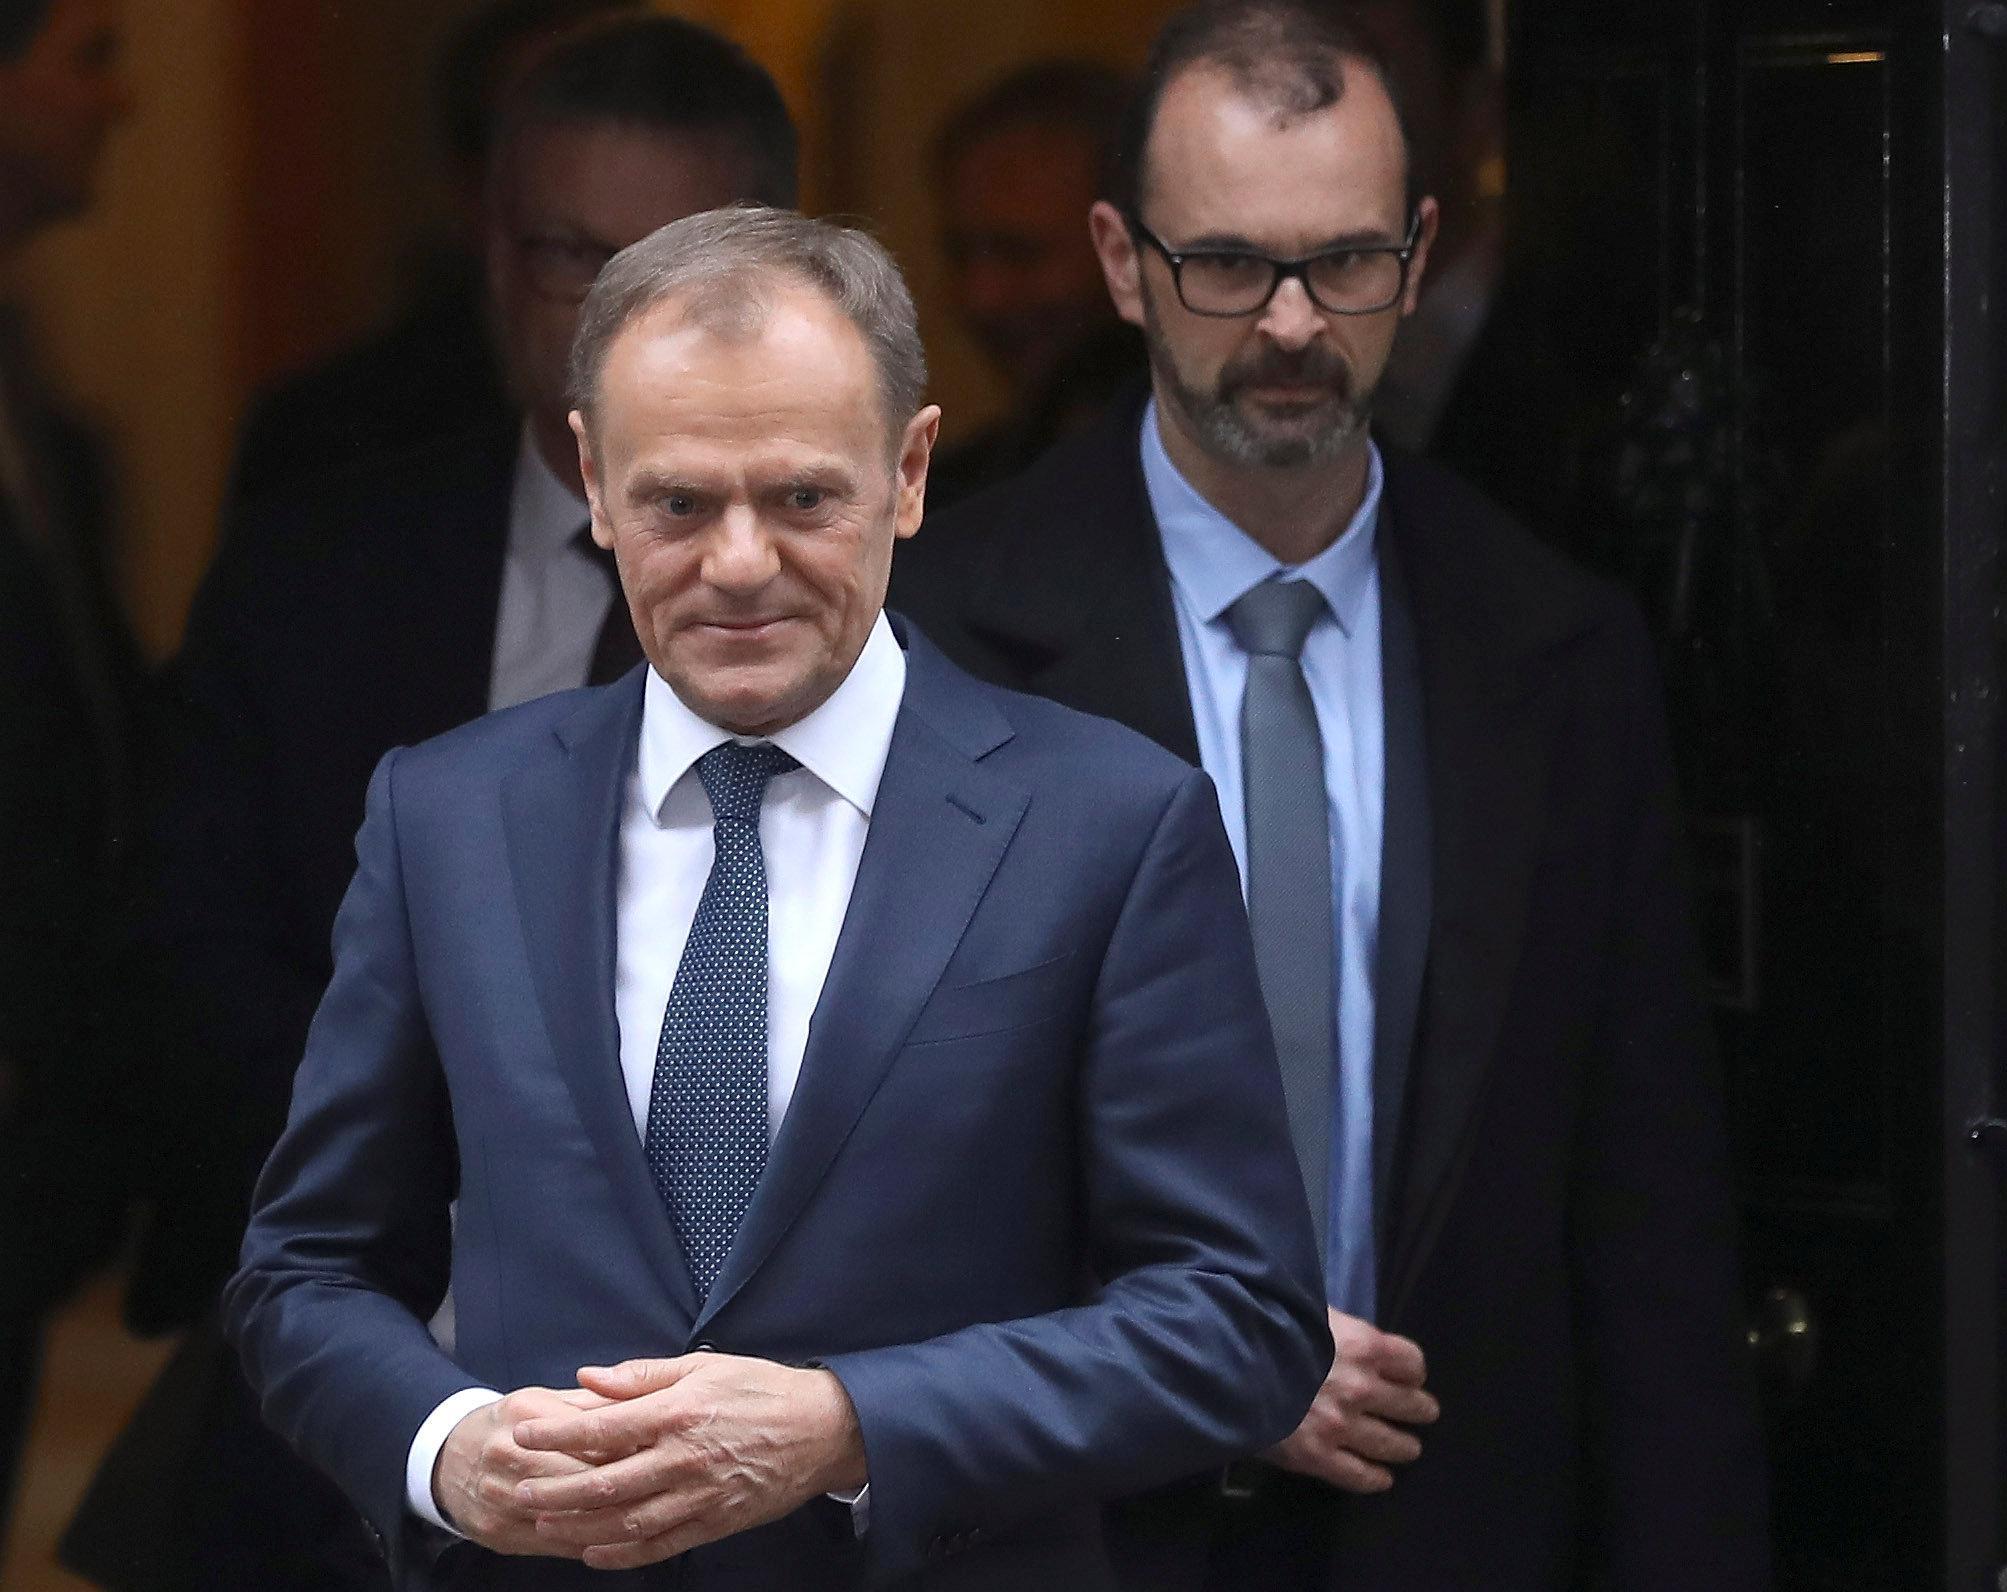 Berdagang dengan Inggris setelah Brexit tidak akan lebih mudah - Tusk Uni Eropa